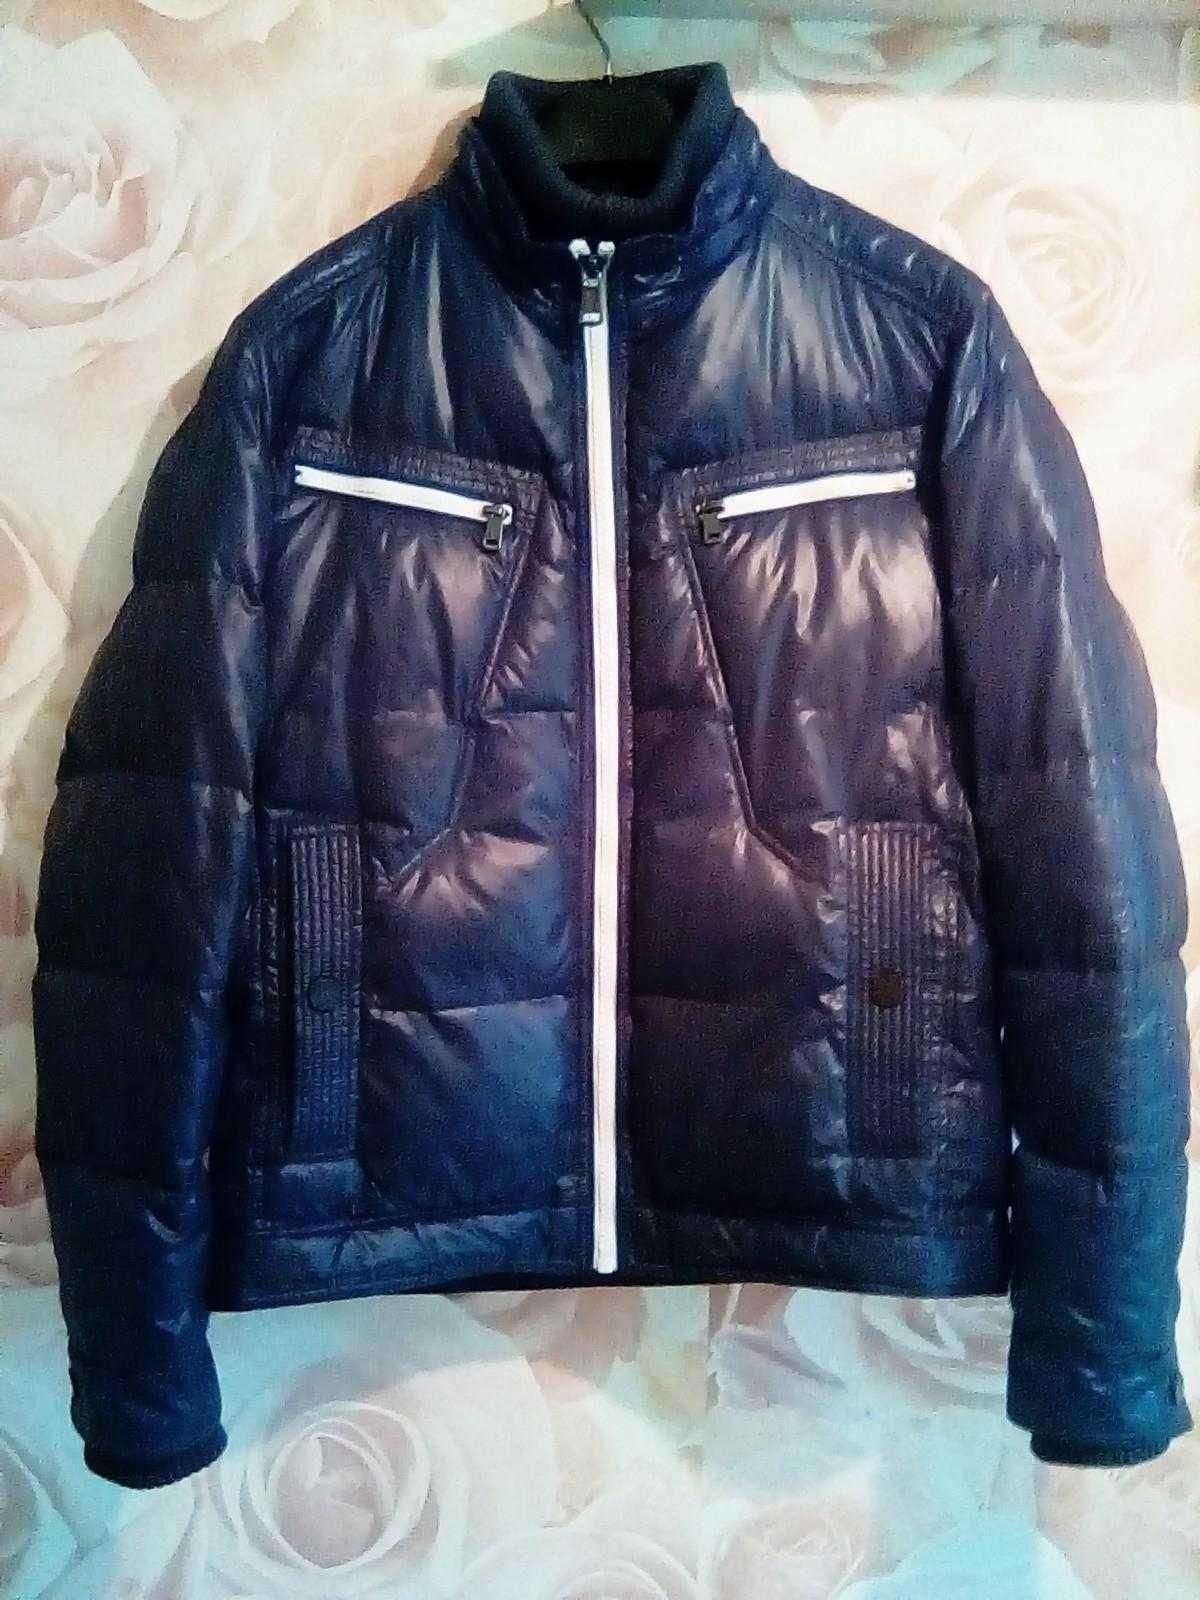 Snowimage Куртка Пуховик, Размер M(48-50) в Балашихе 89017102050 купить 2